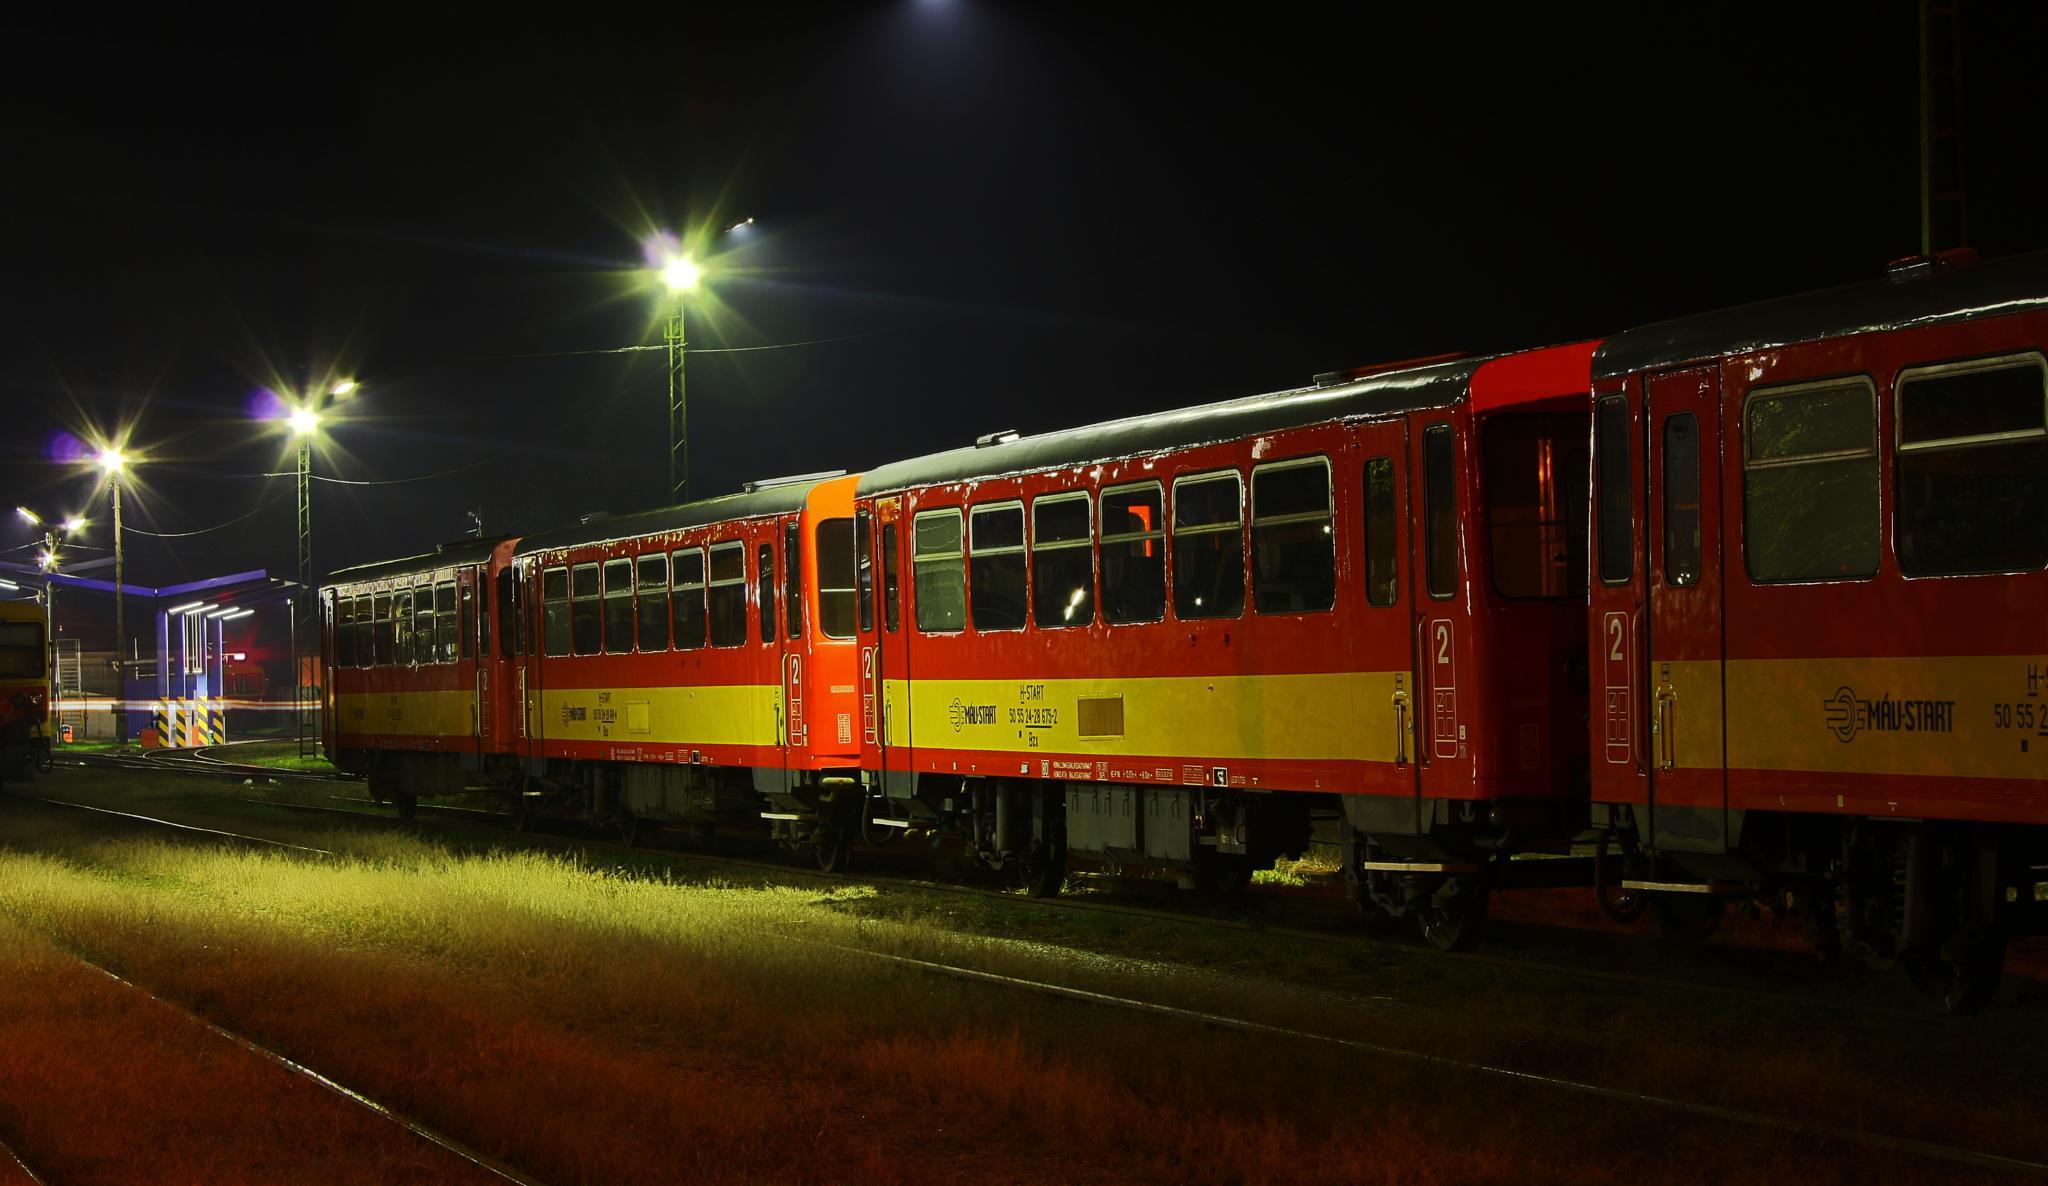 train by Sevoir